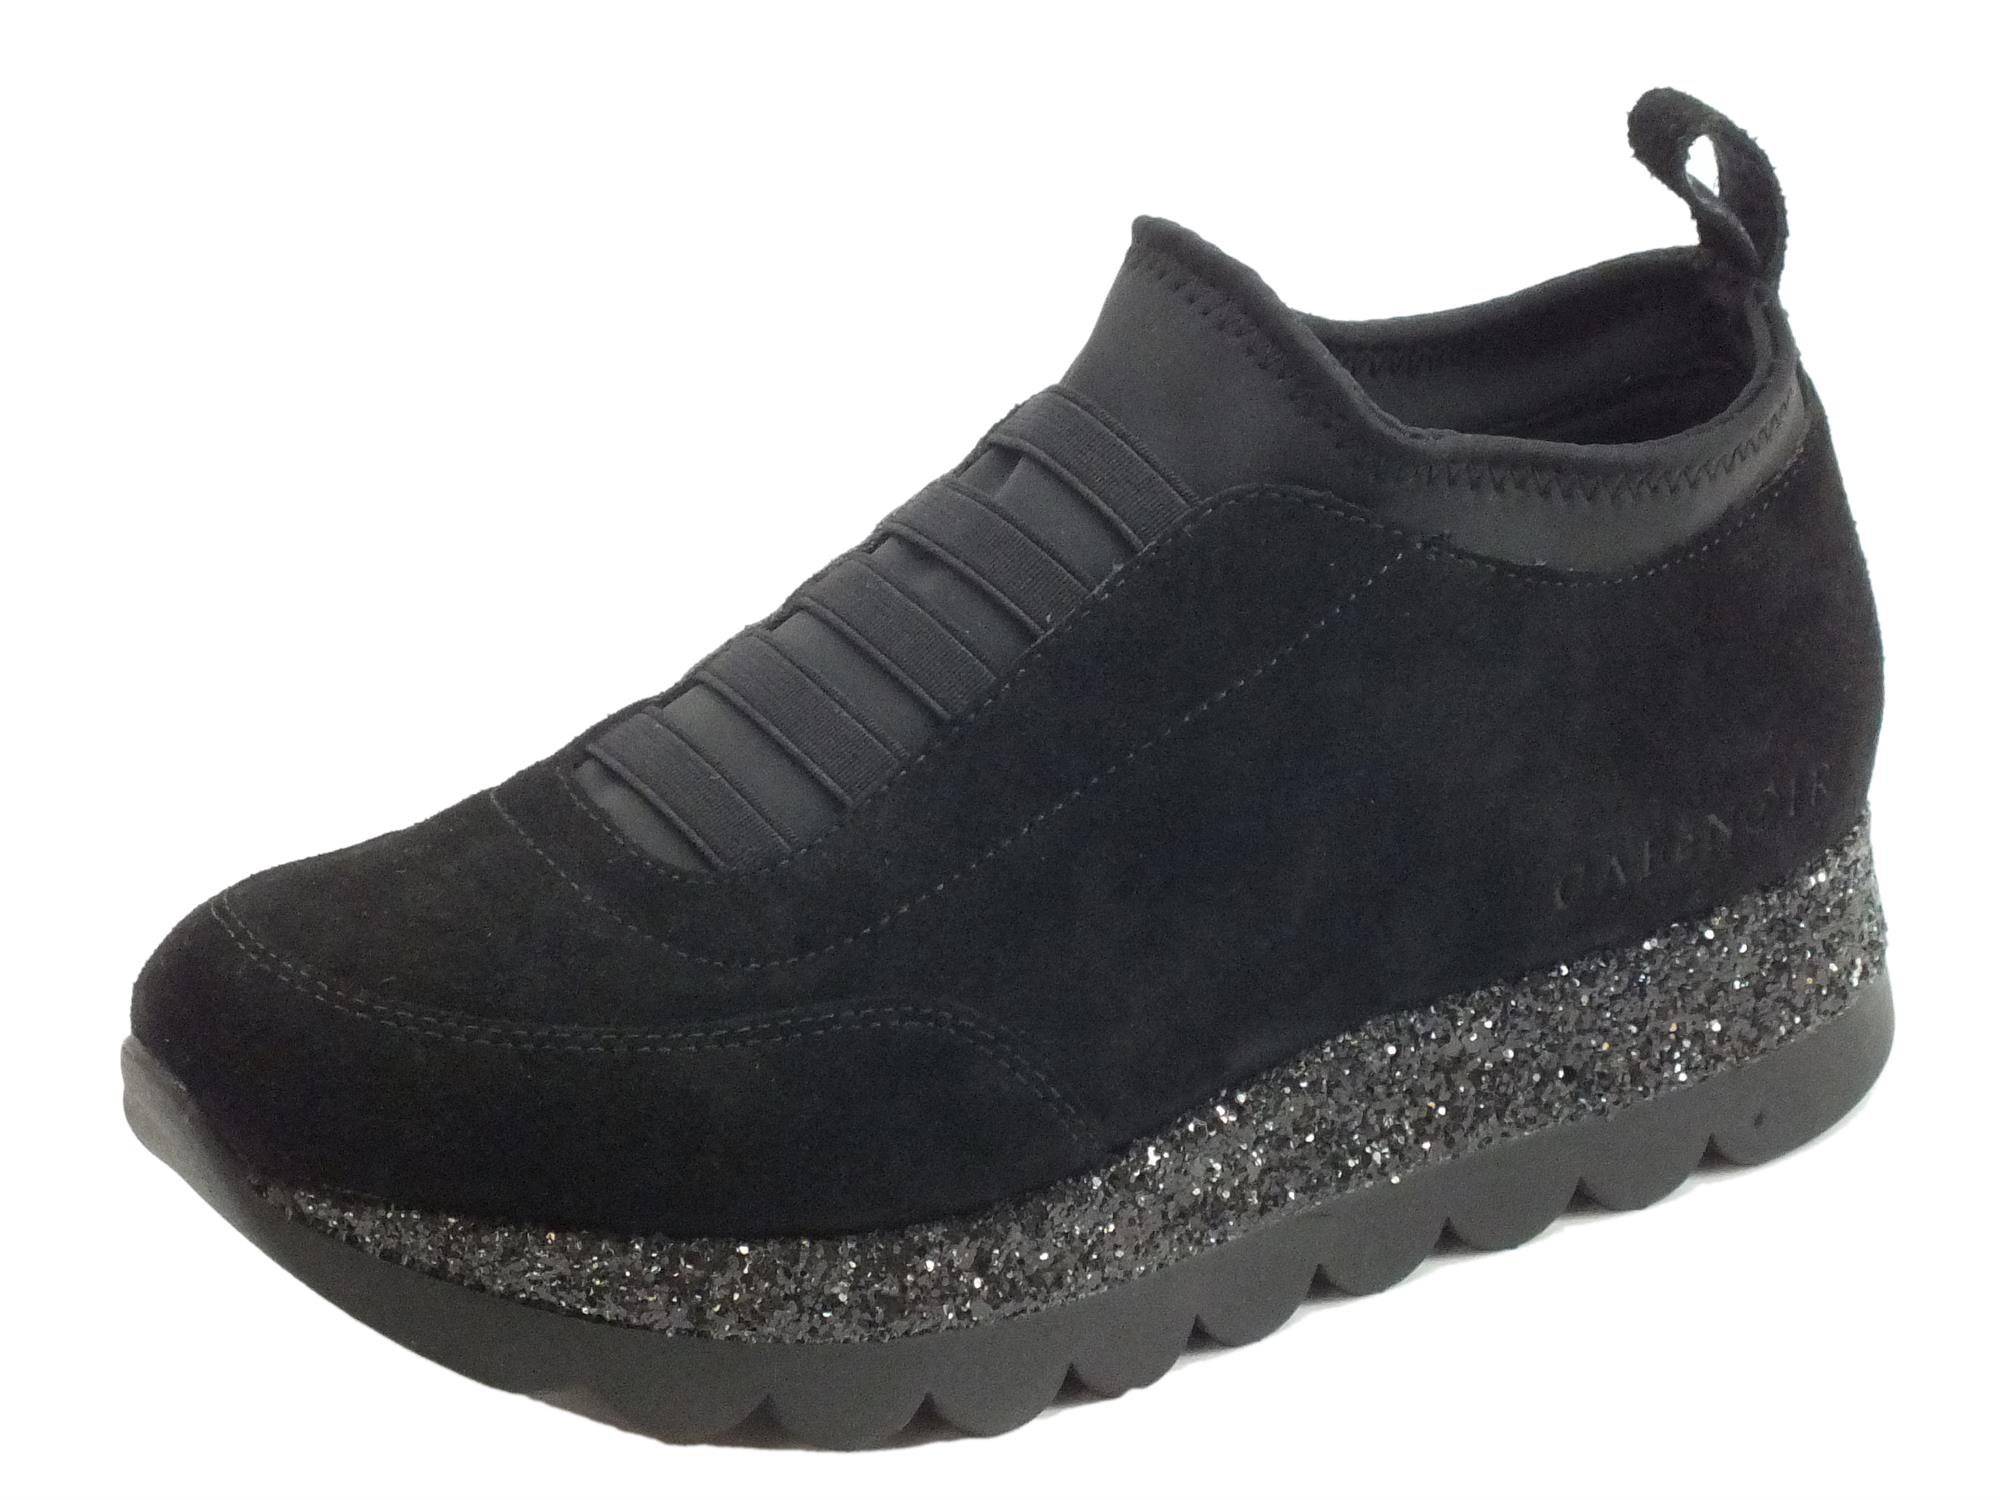 Sneakers donna Cafè Noir camoscio nero calzata veloce - Vitiello ... 062b4bd5b7d